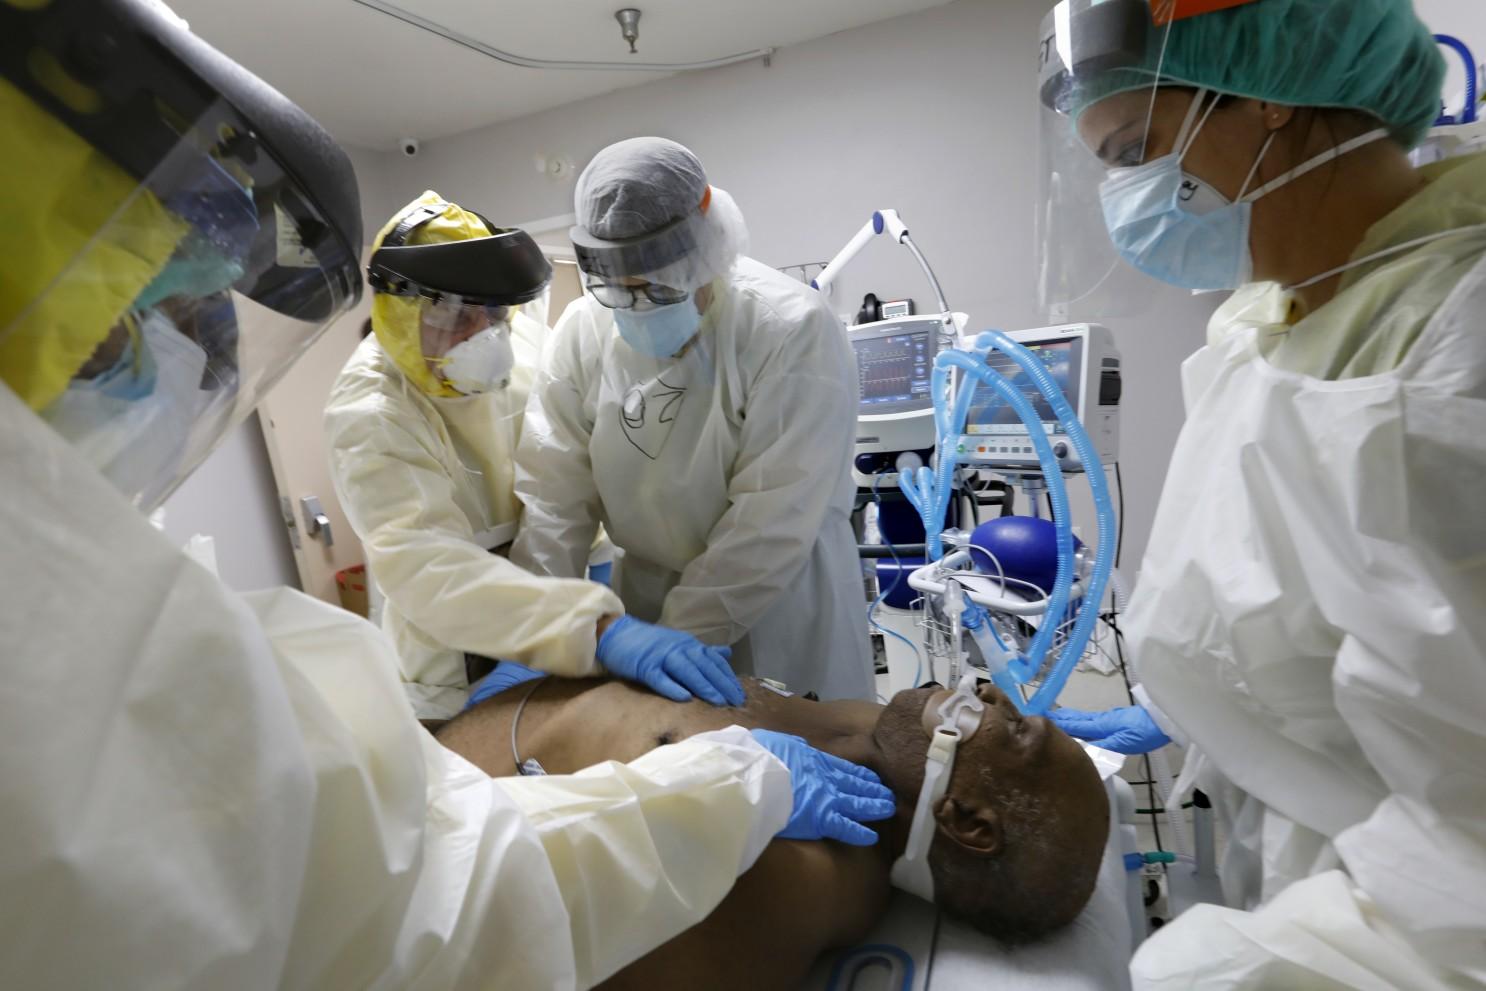 Các bác sĩ đang cố gắng hồi sức bệnh nhân mắc COVID-19 tại Trung tâm Y tế United Memorial ở Houston